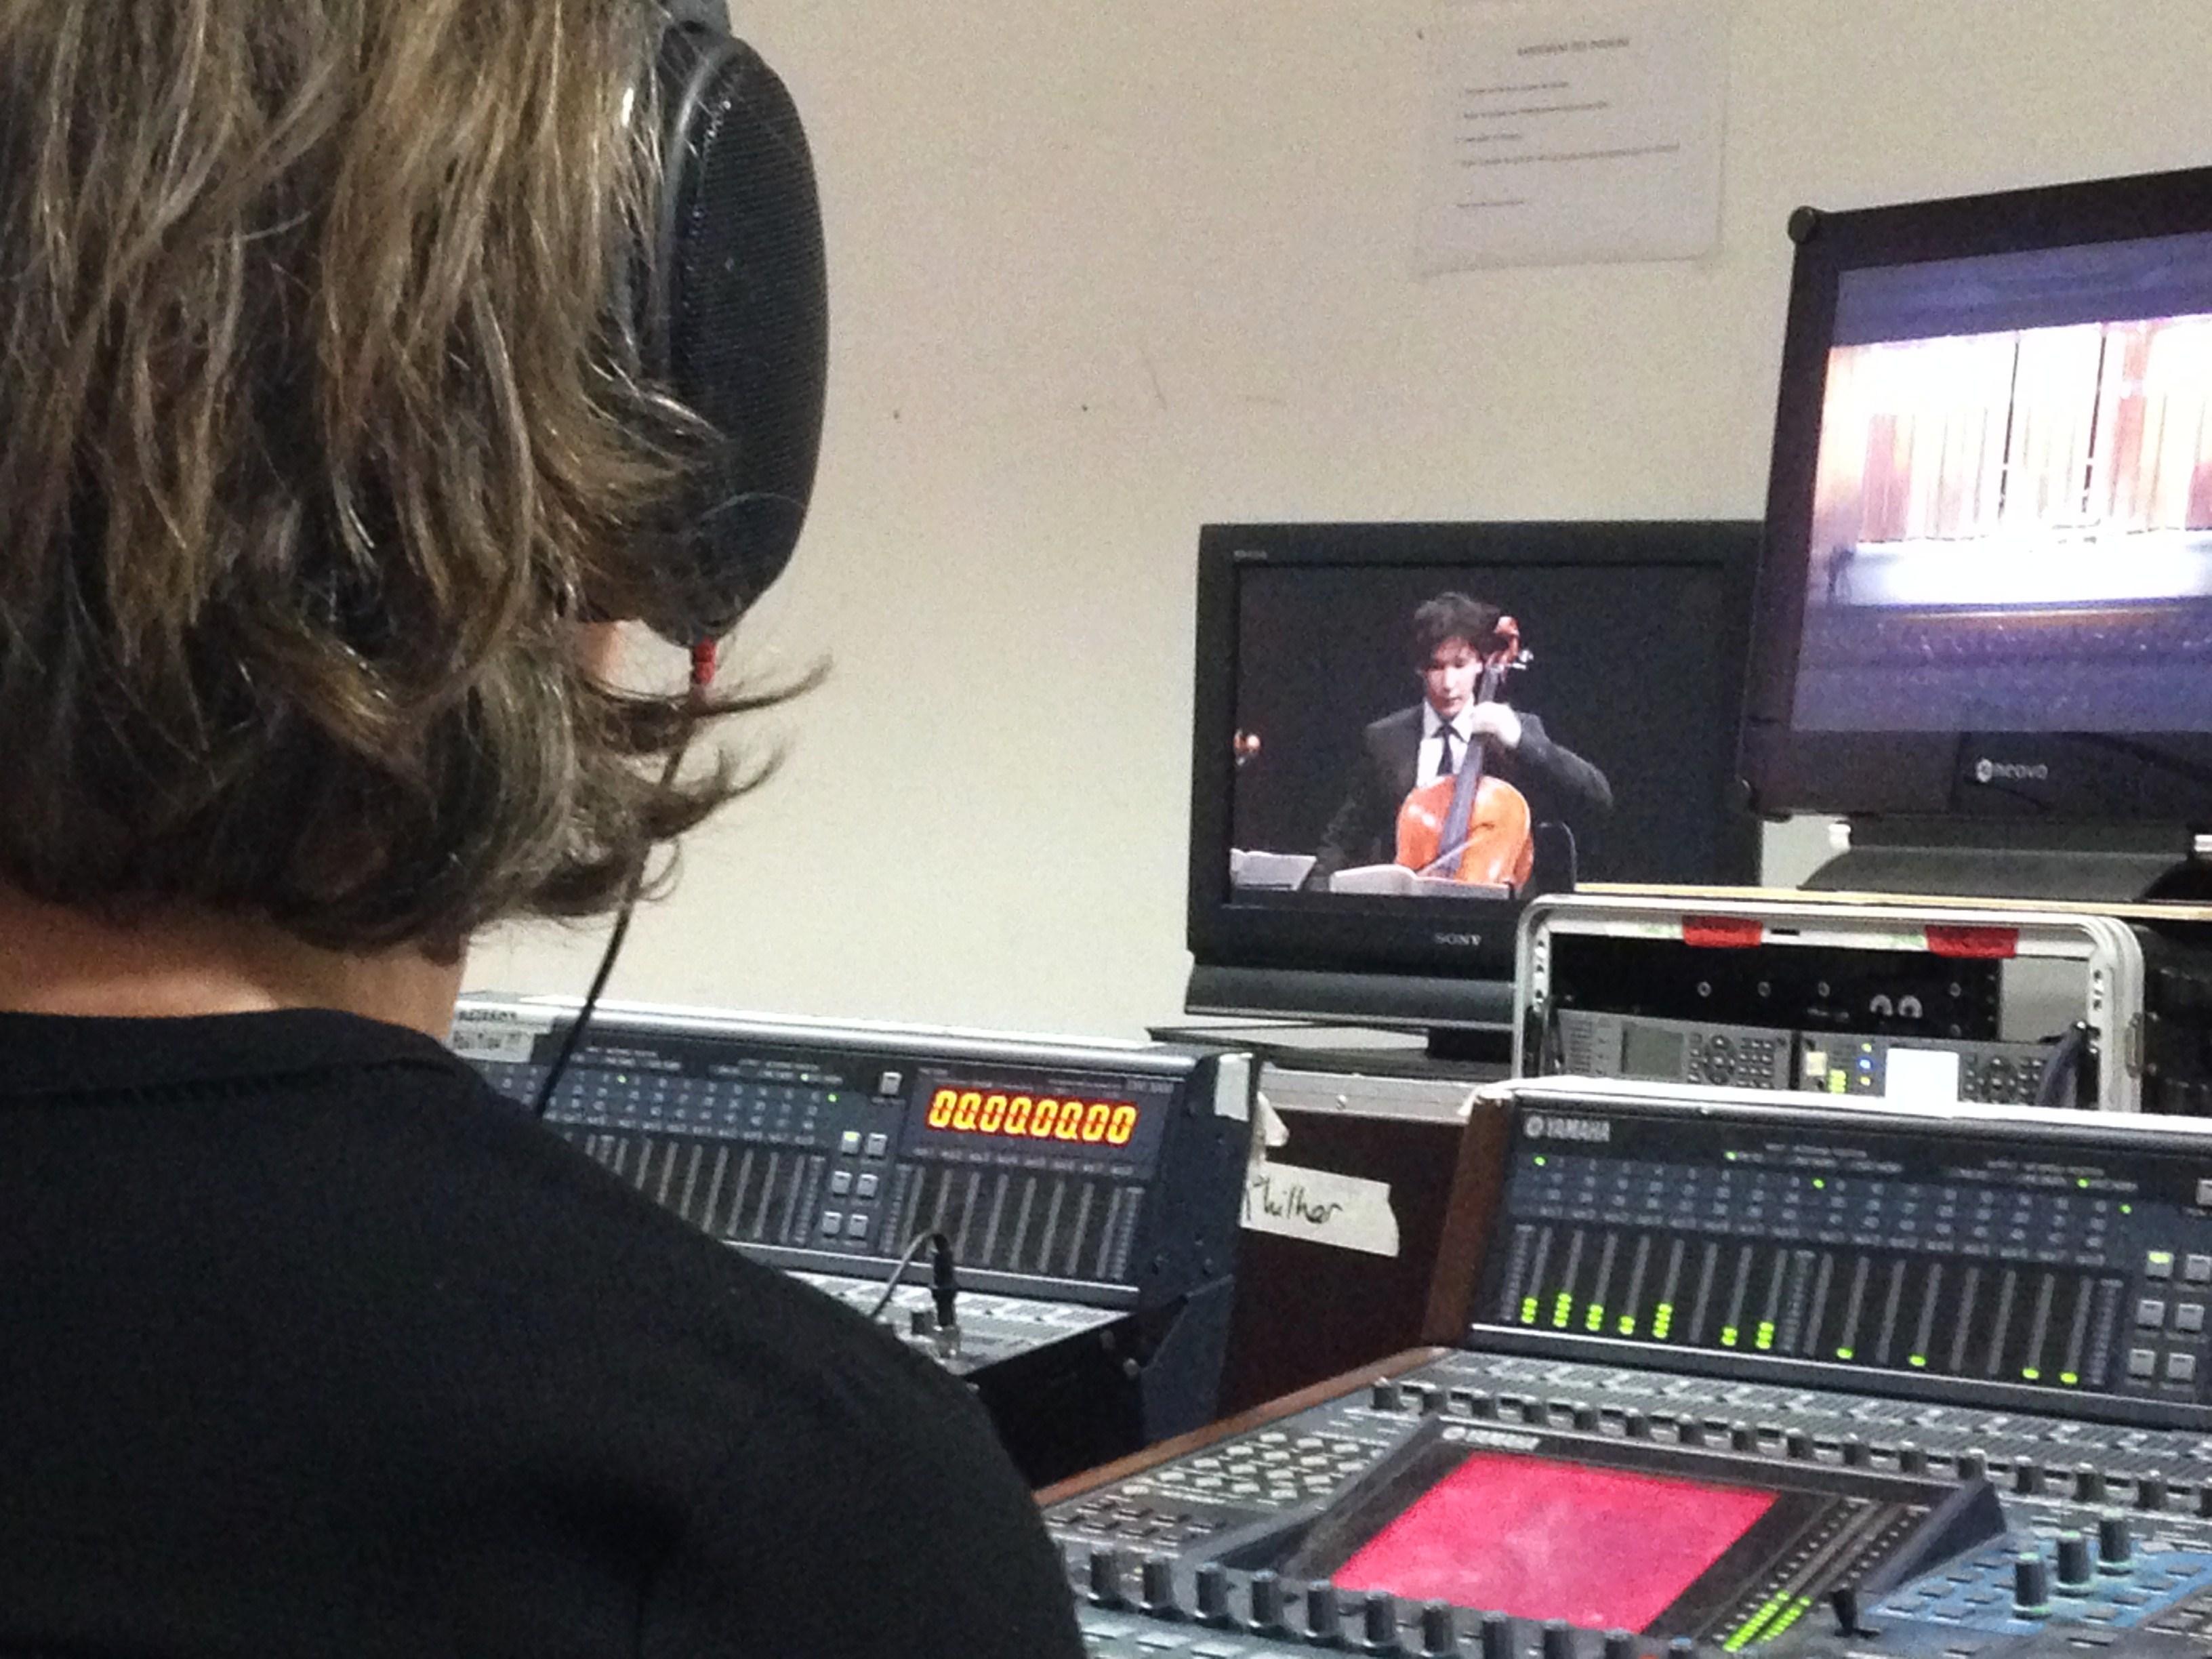 Festival de Pâques d'Aix en Provence - Studio Radio Classique - Edgar moreau